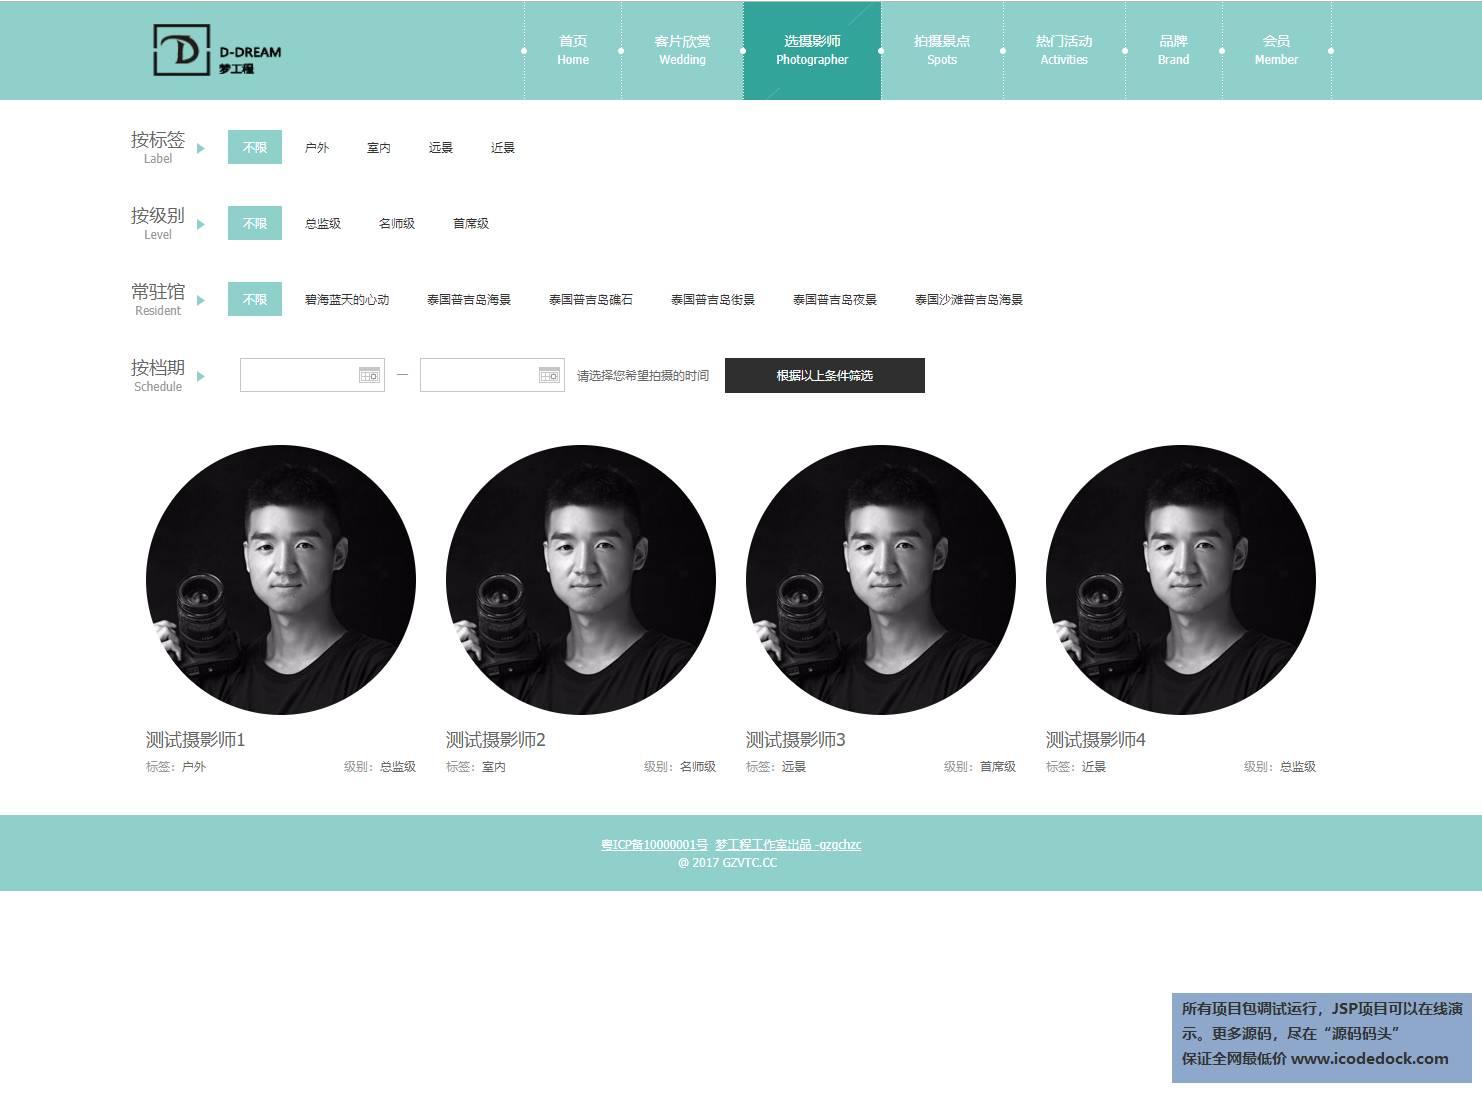 源码码头-SpringBoot婚纱影楼摄影预约网站-客户角色-预约摄影师